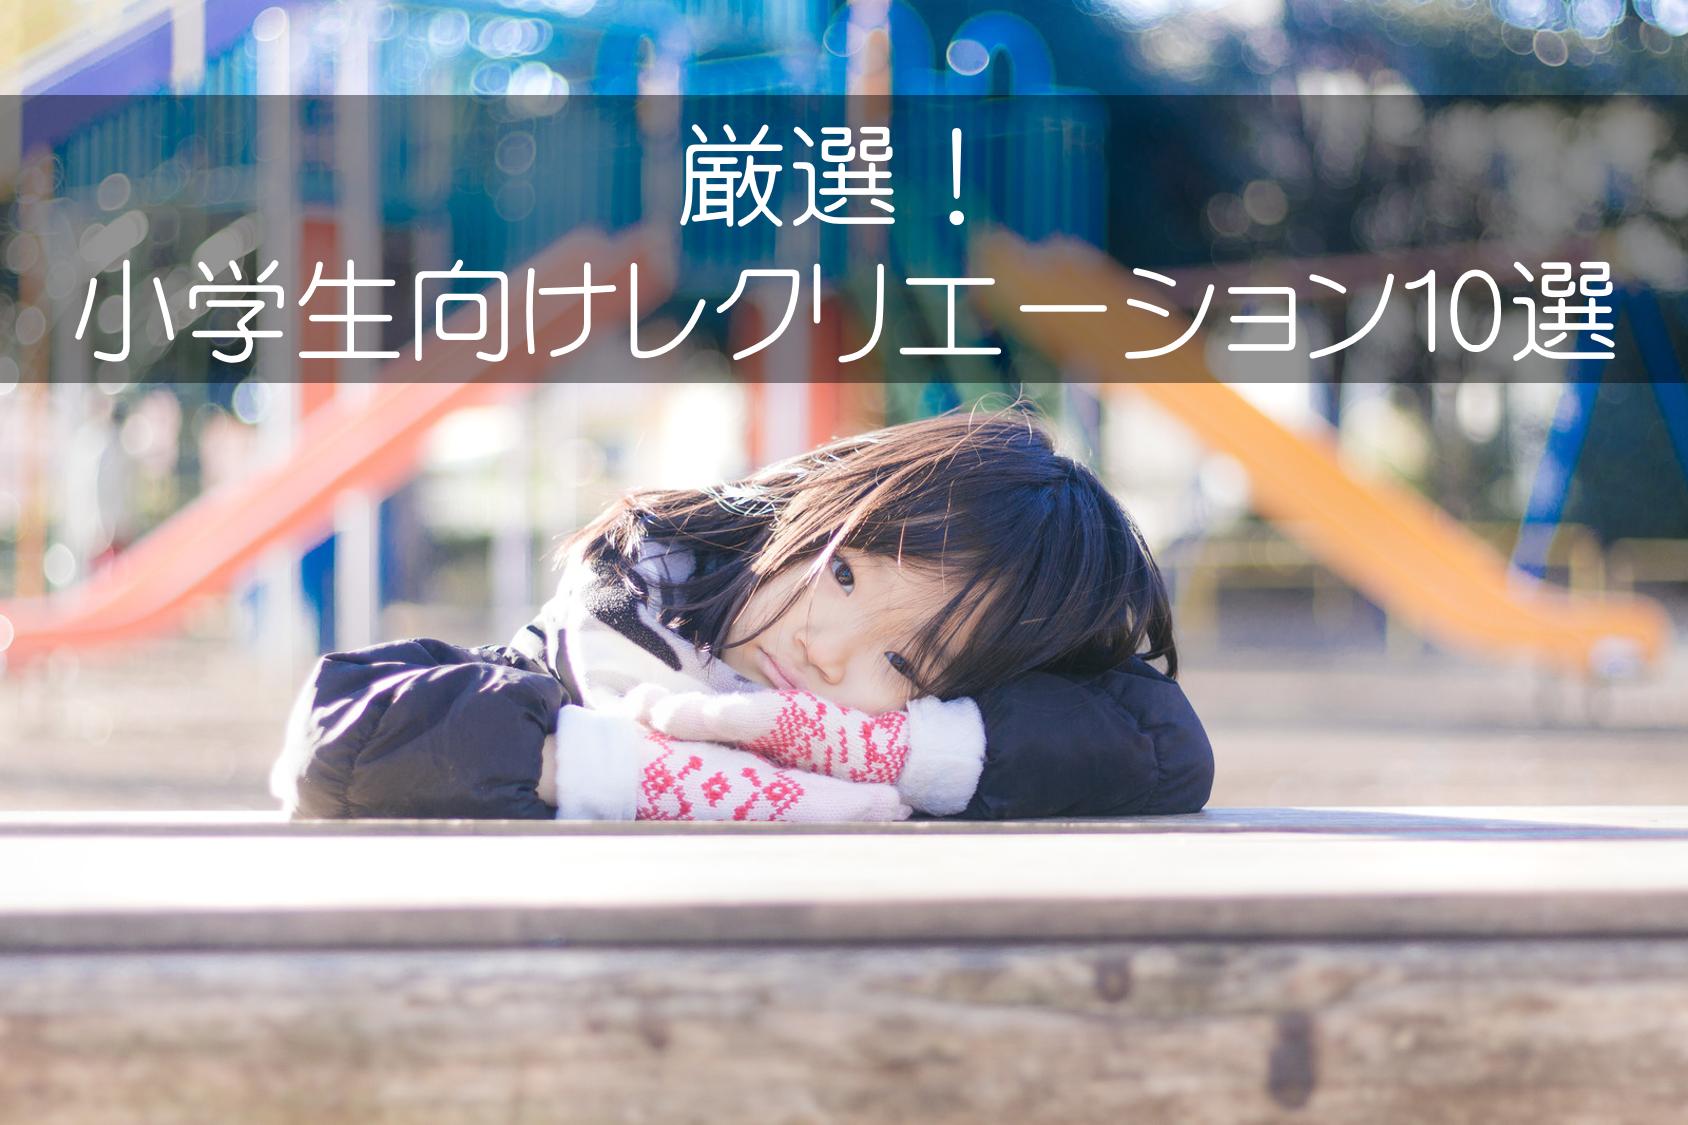 【鉄板!小学校レク】小学生向けレクリエーション10選を紹介します!